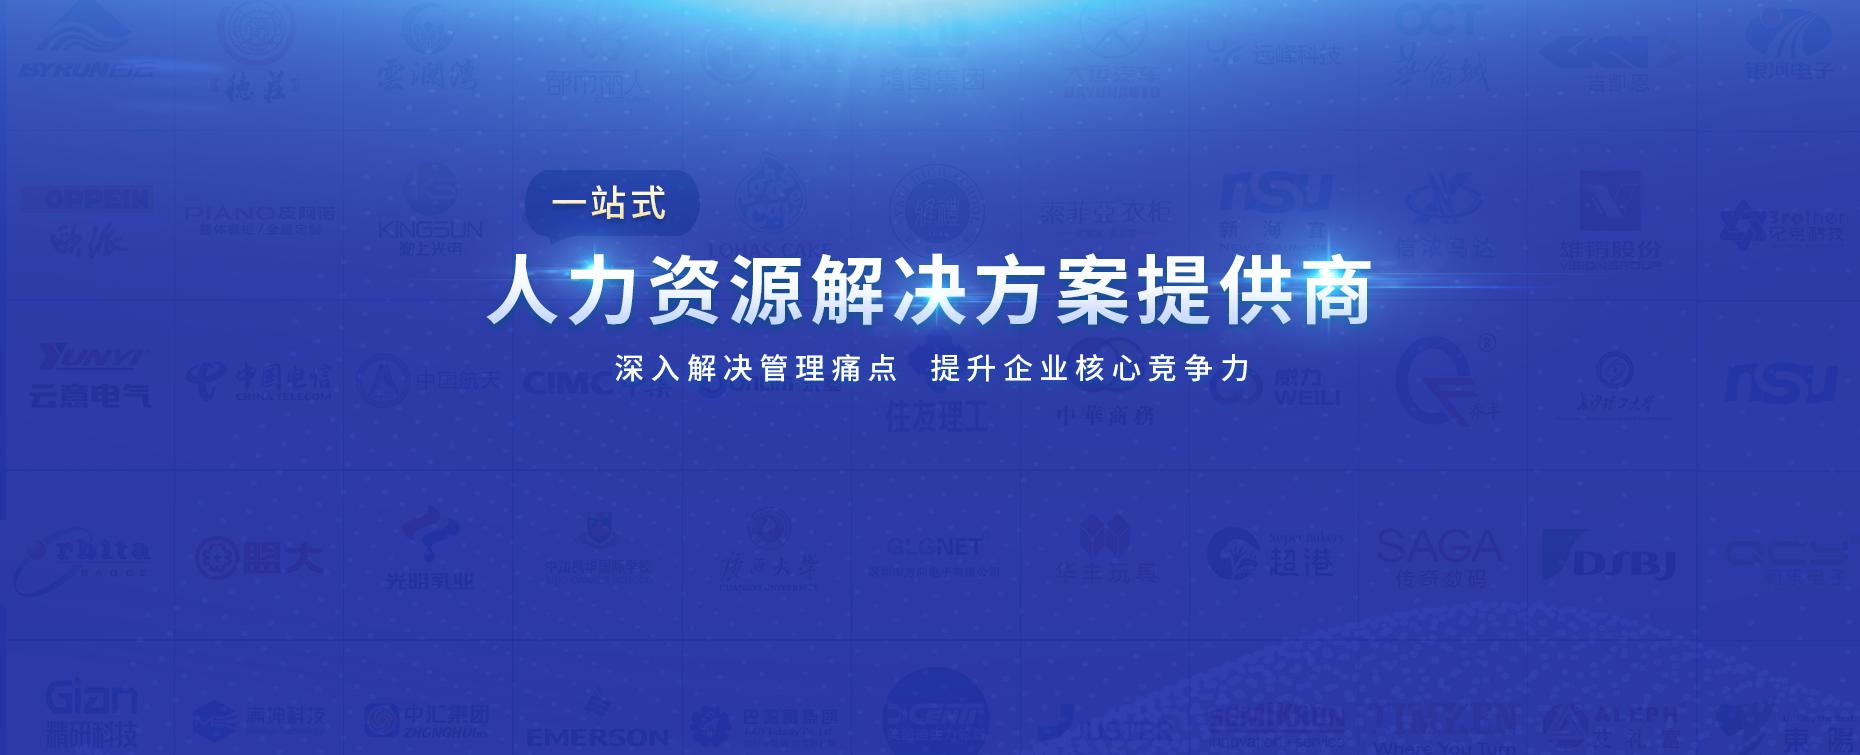 财务绩效考核方案_同鑫ehr人力资源管理系统_e-hr系统软件_人事考勤管理软件系统